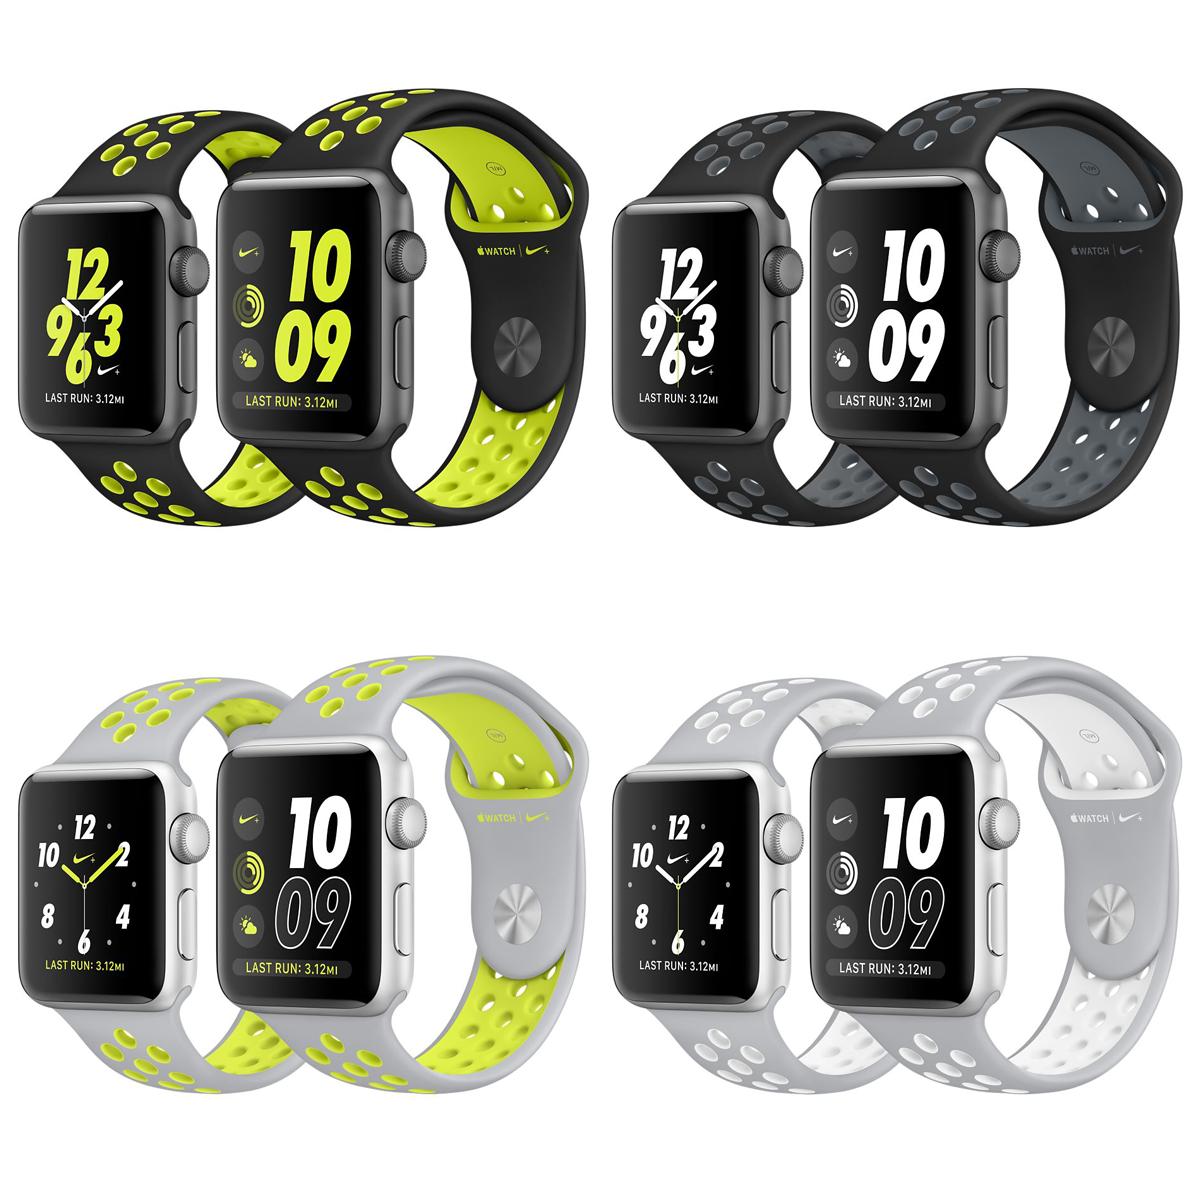 やっぱり出た!「Apple Watch Nike+」専用バンドのコピー製品が販売開始!